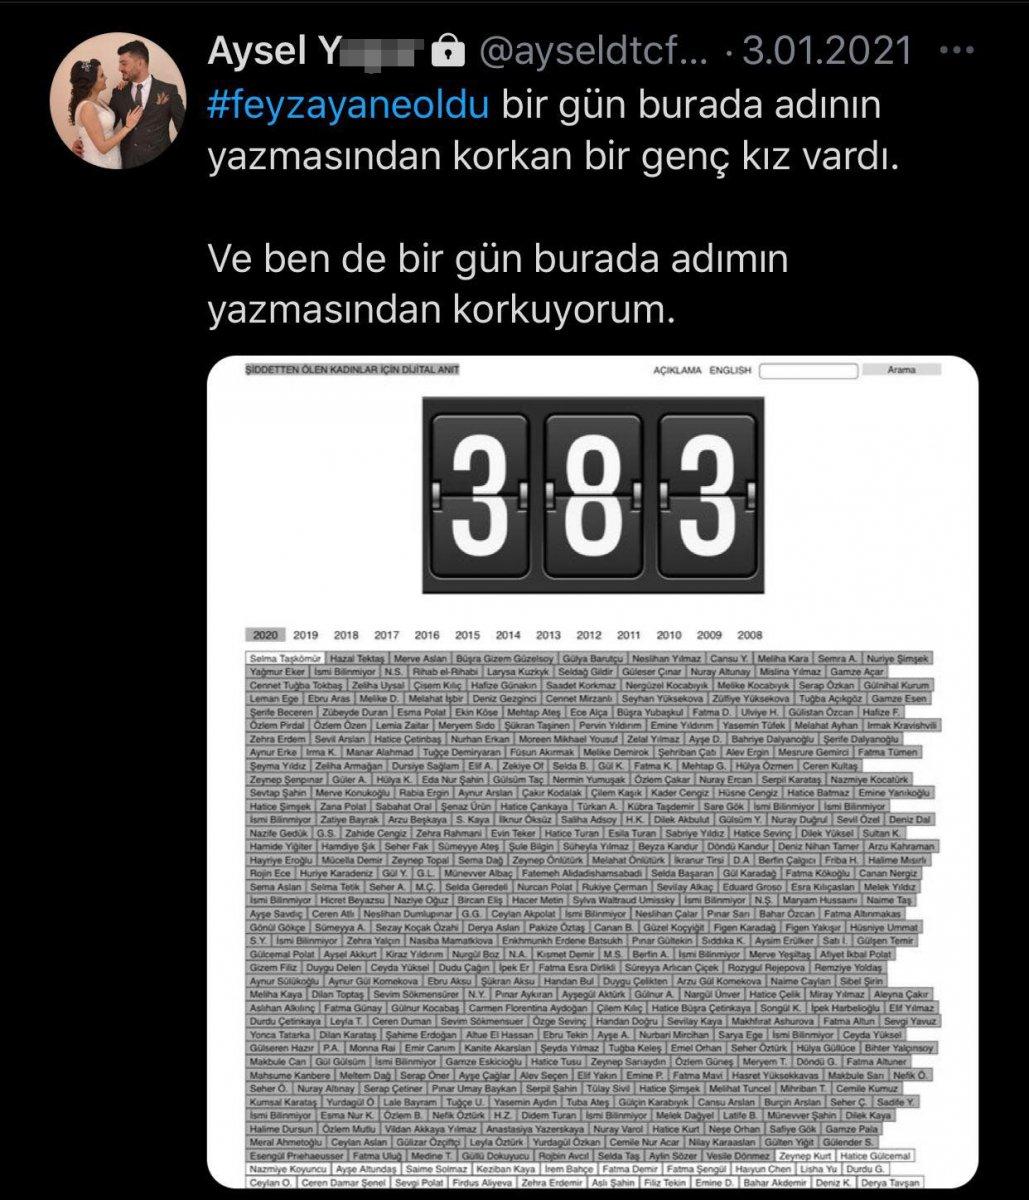 Yozgat ta düğününden 6 gün önce öldürüldü  #3